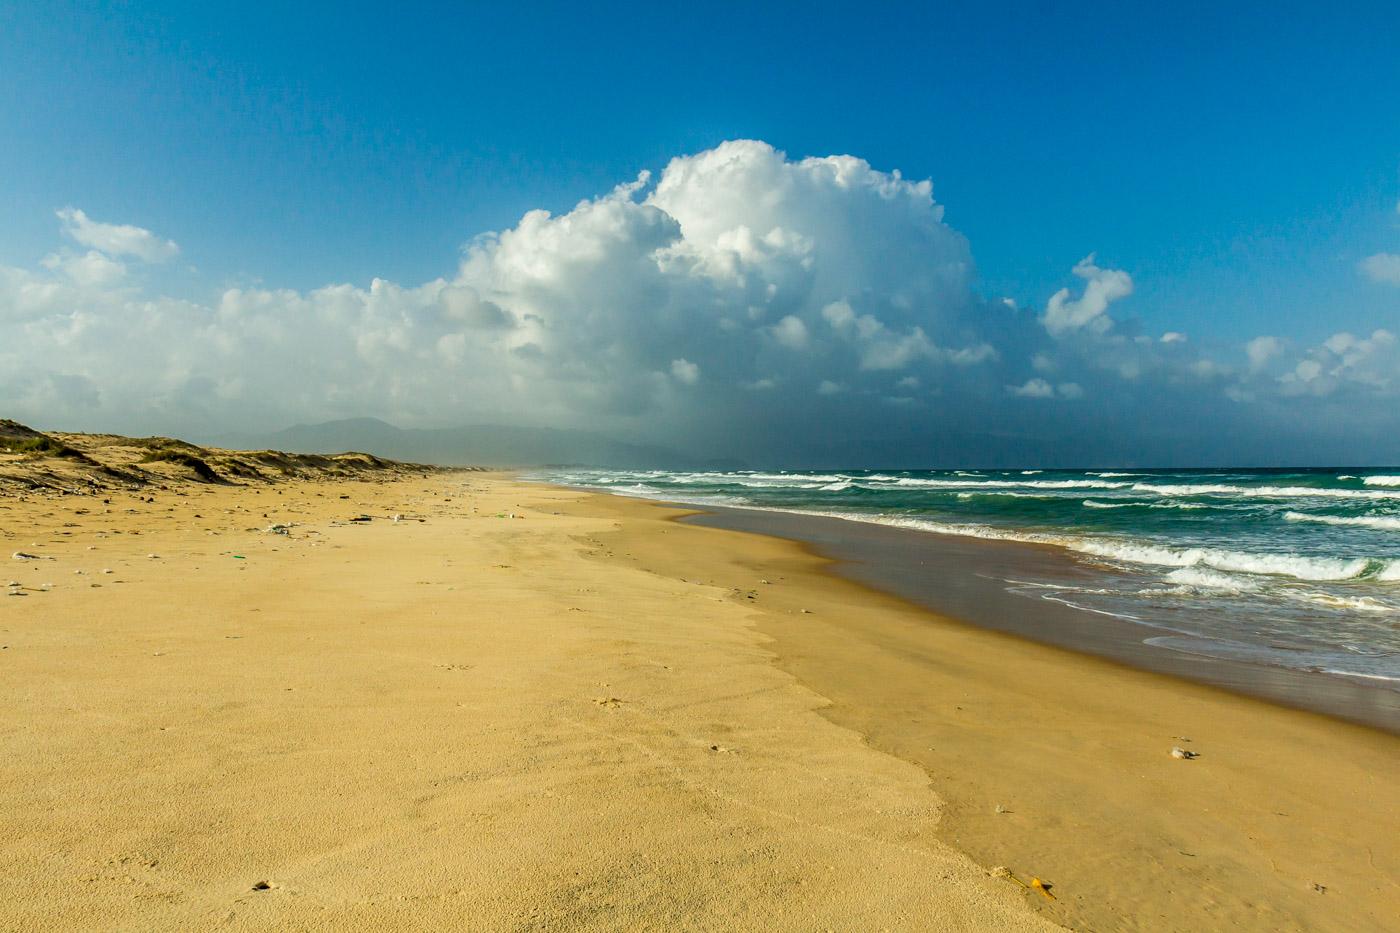 On the deserted beach.